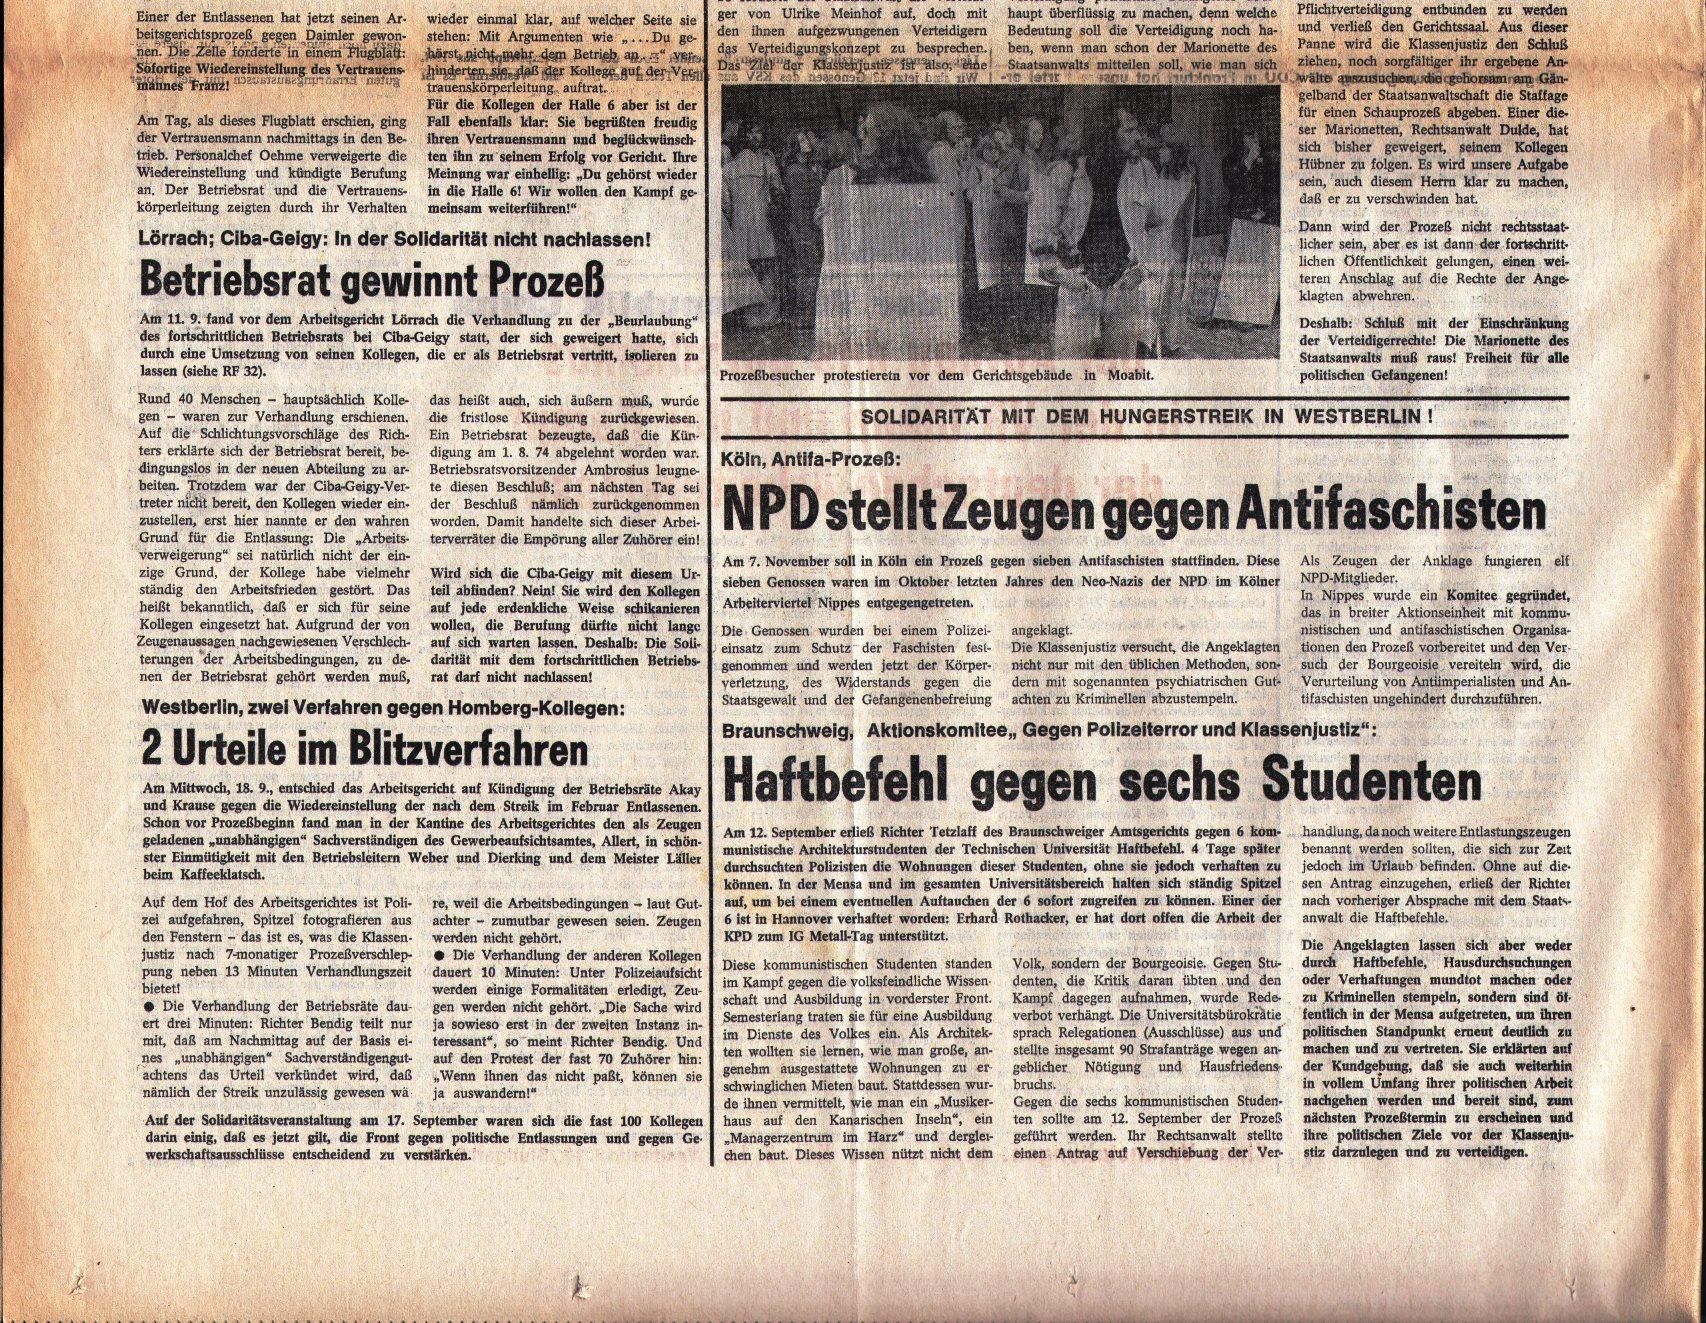 KPD_Rote_Fahne_1974_39_04